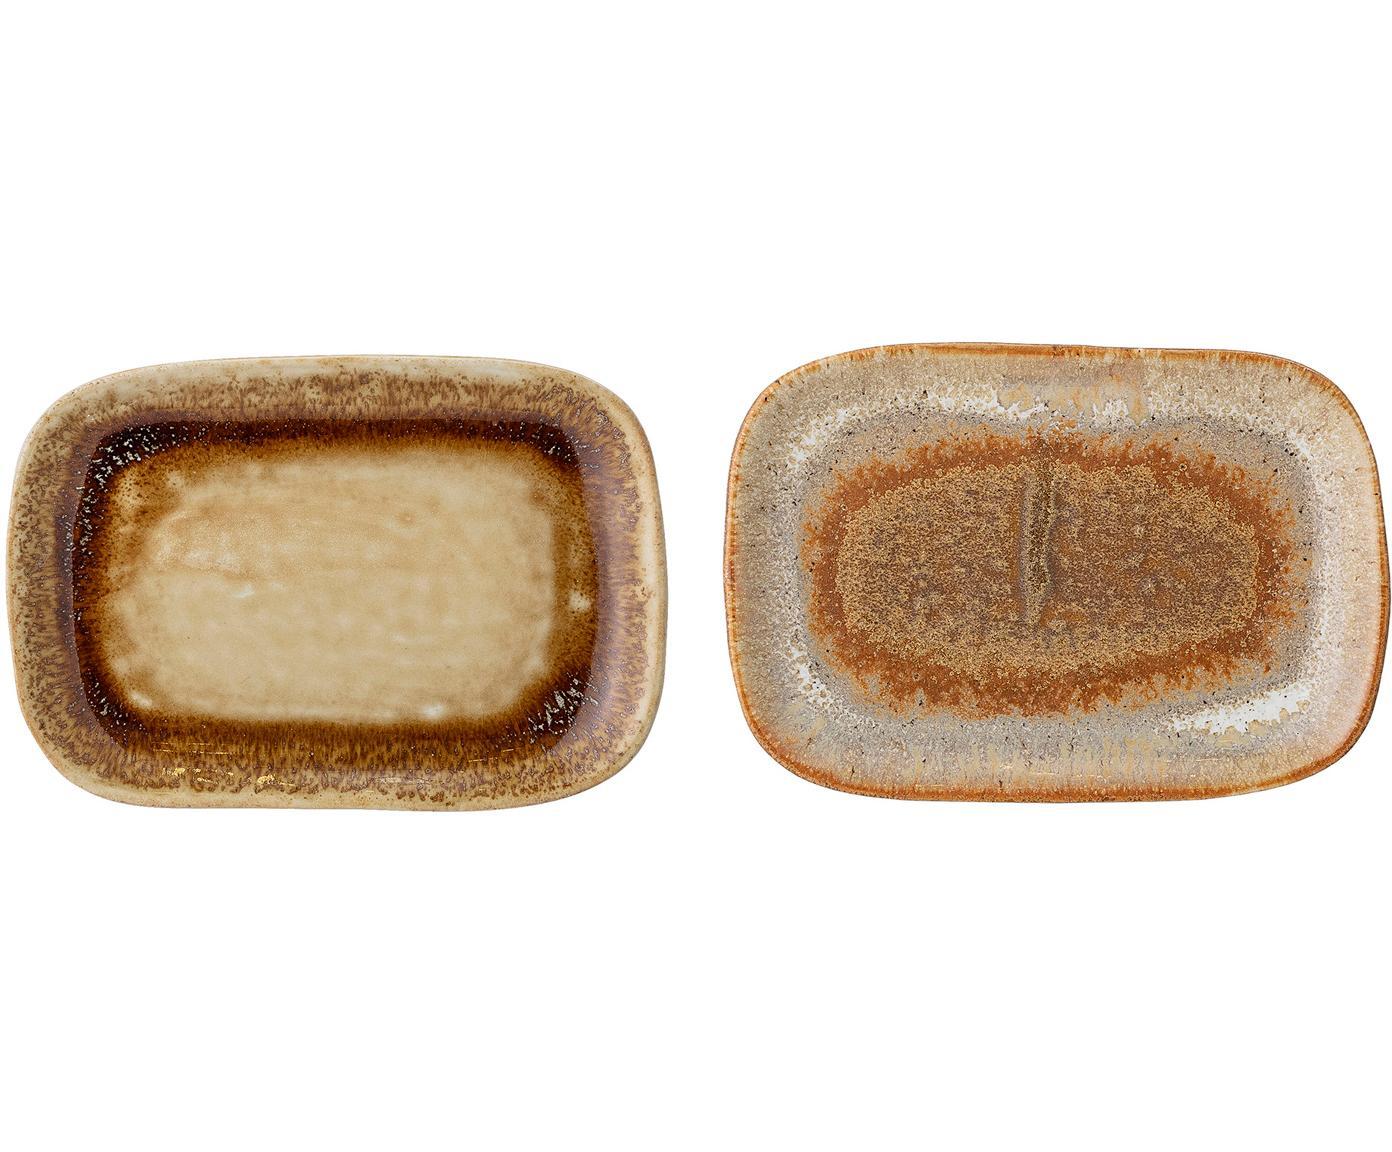 Handgemaakte serveerplateaus-set Willow, 2-delig, Keramiek, Bruintinten, B 14 x D 10 cm